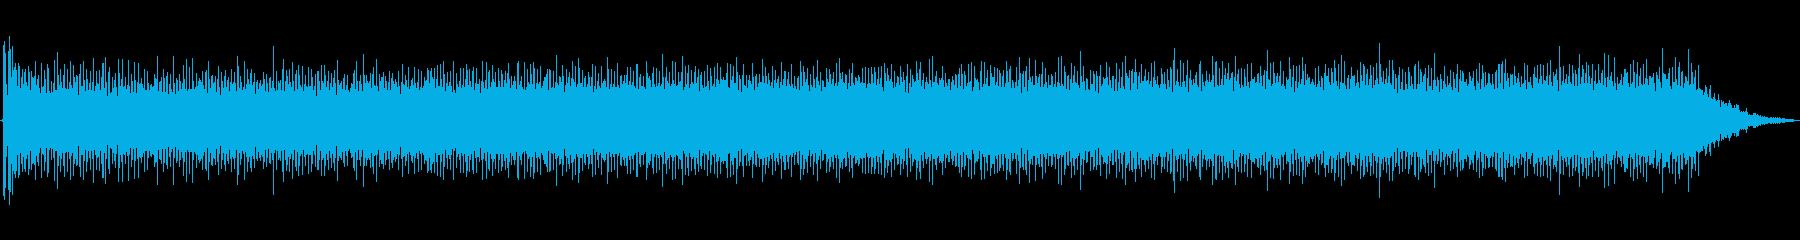 大型金属旋盤:開始、実行、停止の再生済みの波形